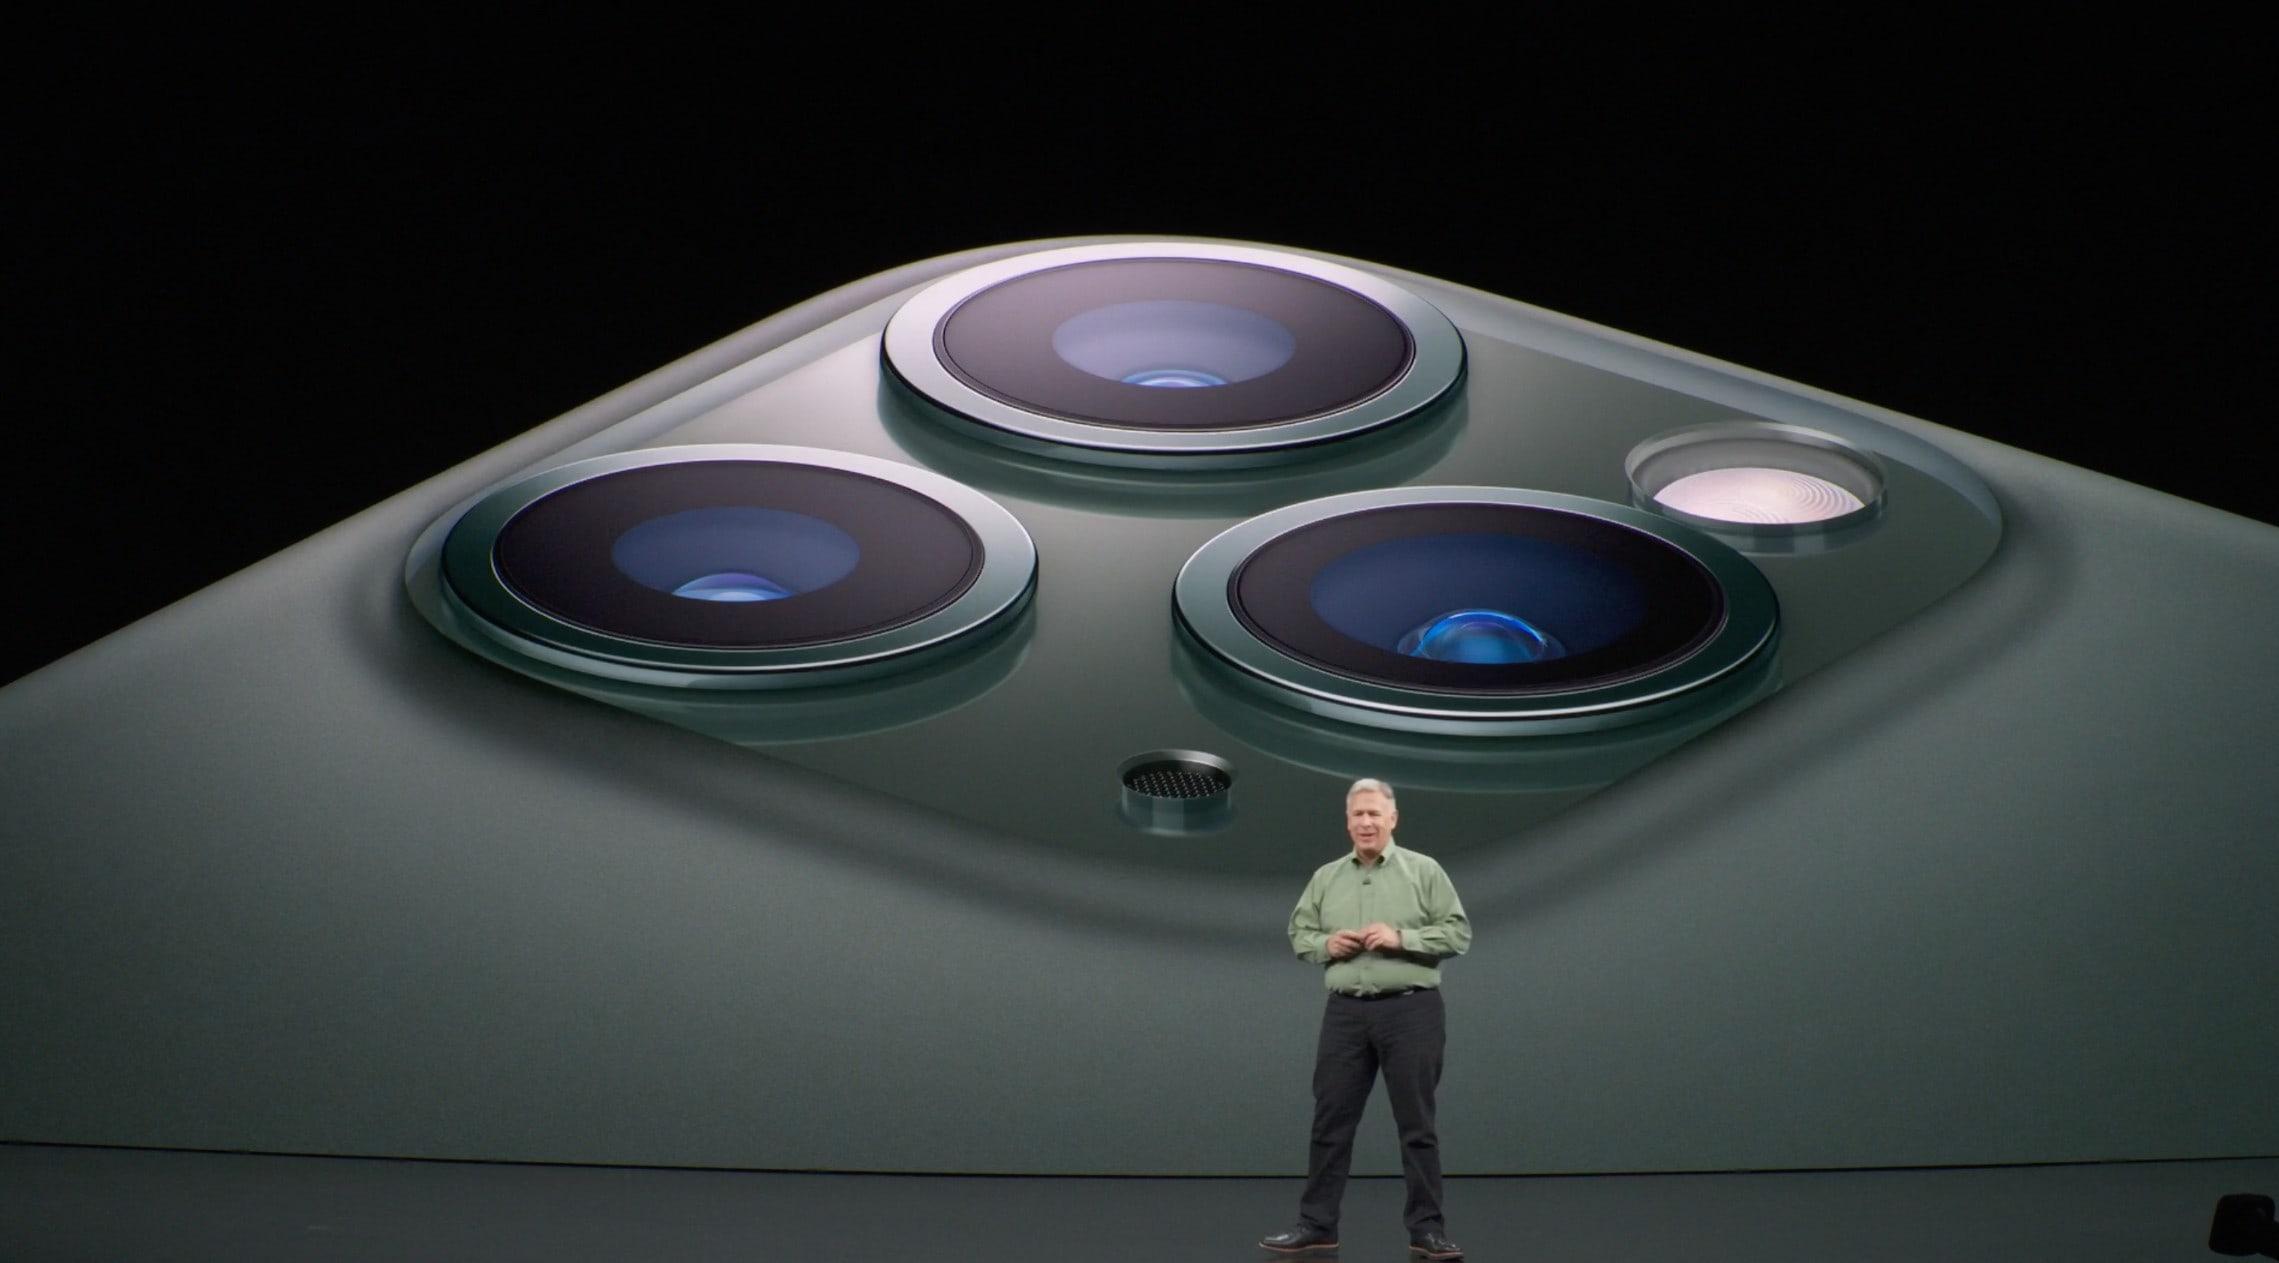 Camera 3D trên iPhone 2020 để làm gì?